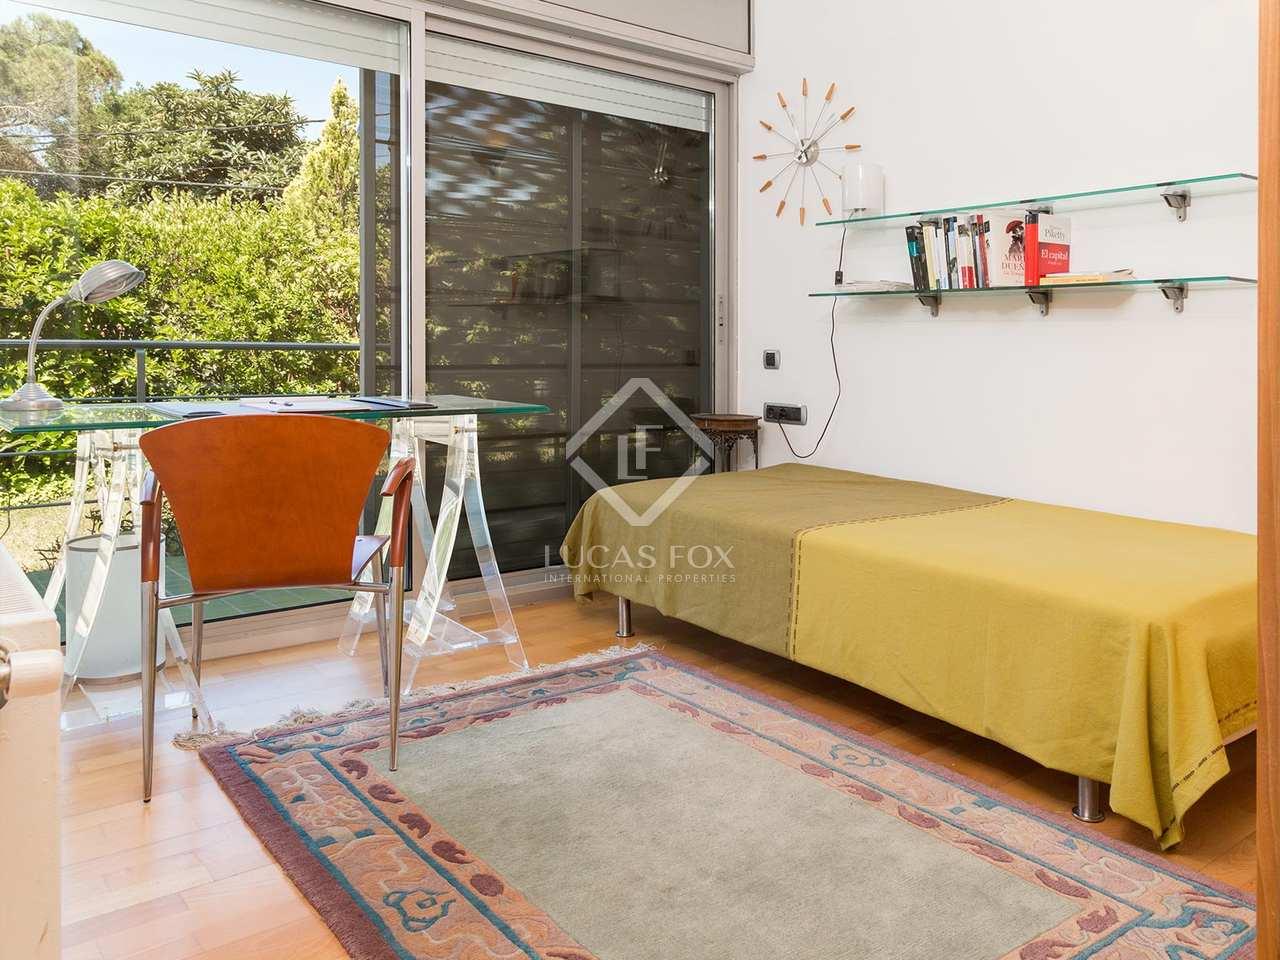 Casa en alquiler en valldoreix sant cugat barcelona espa a for Alquiler casa jardin barcelona